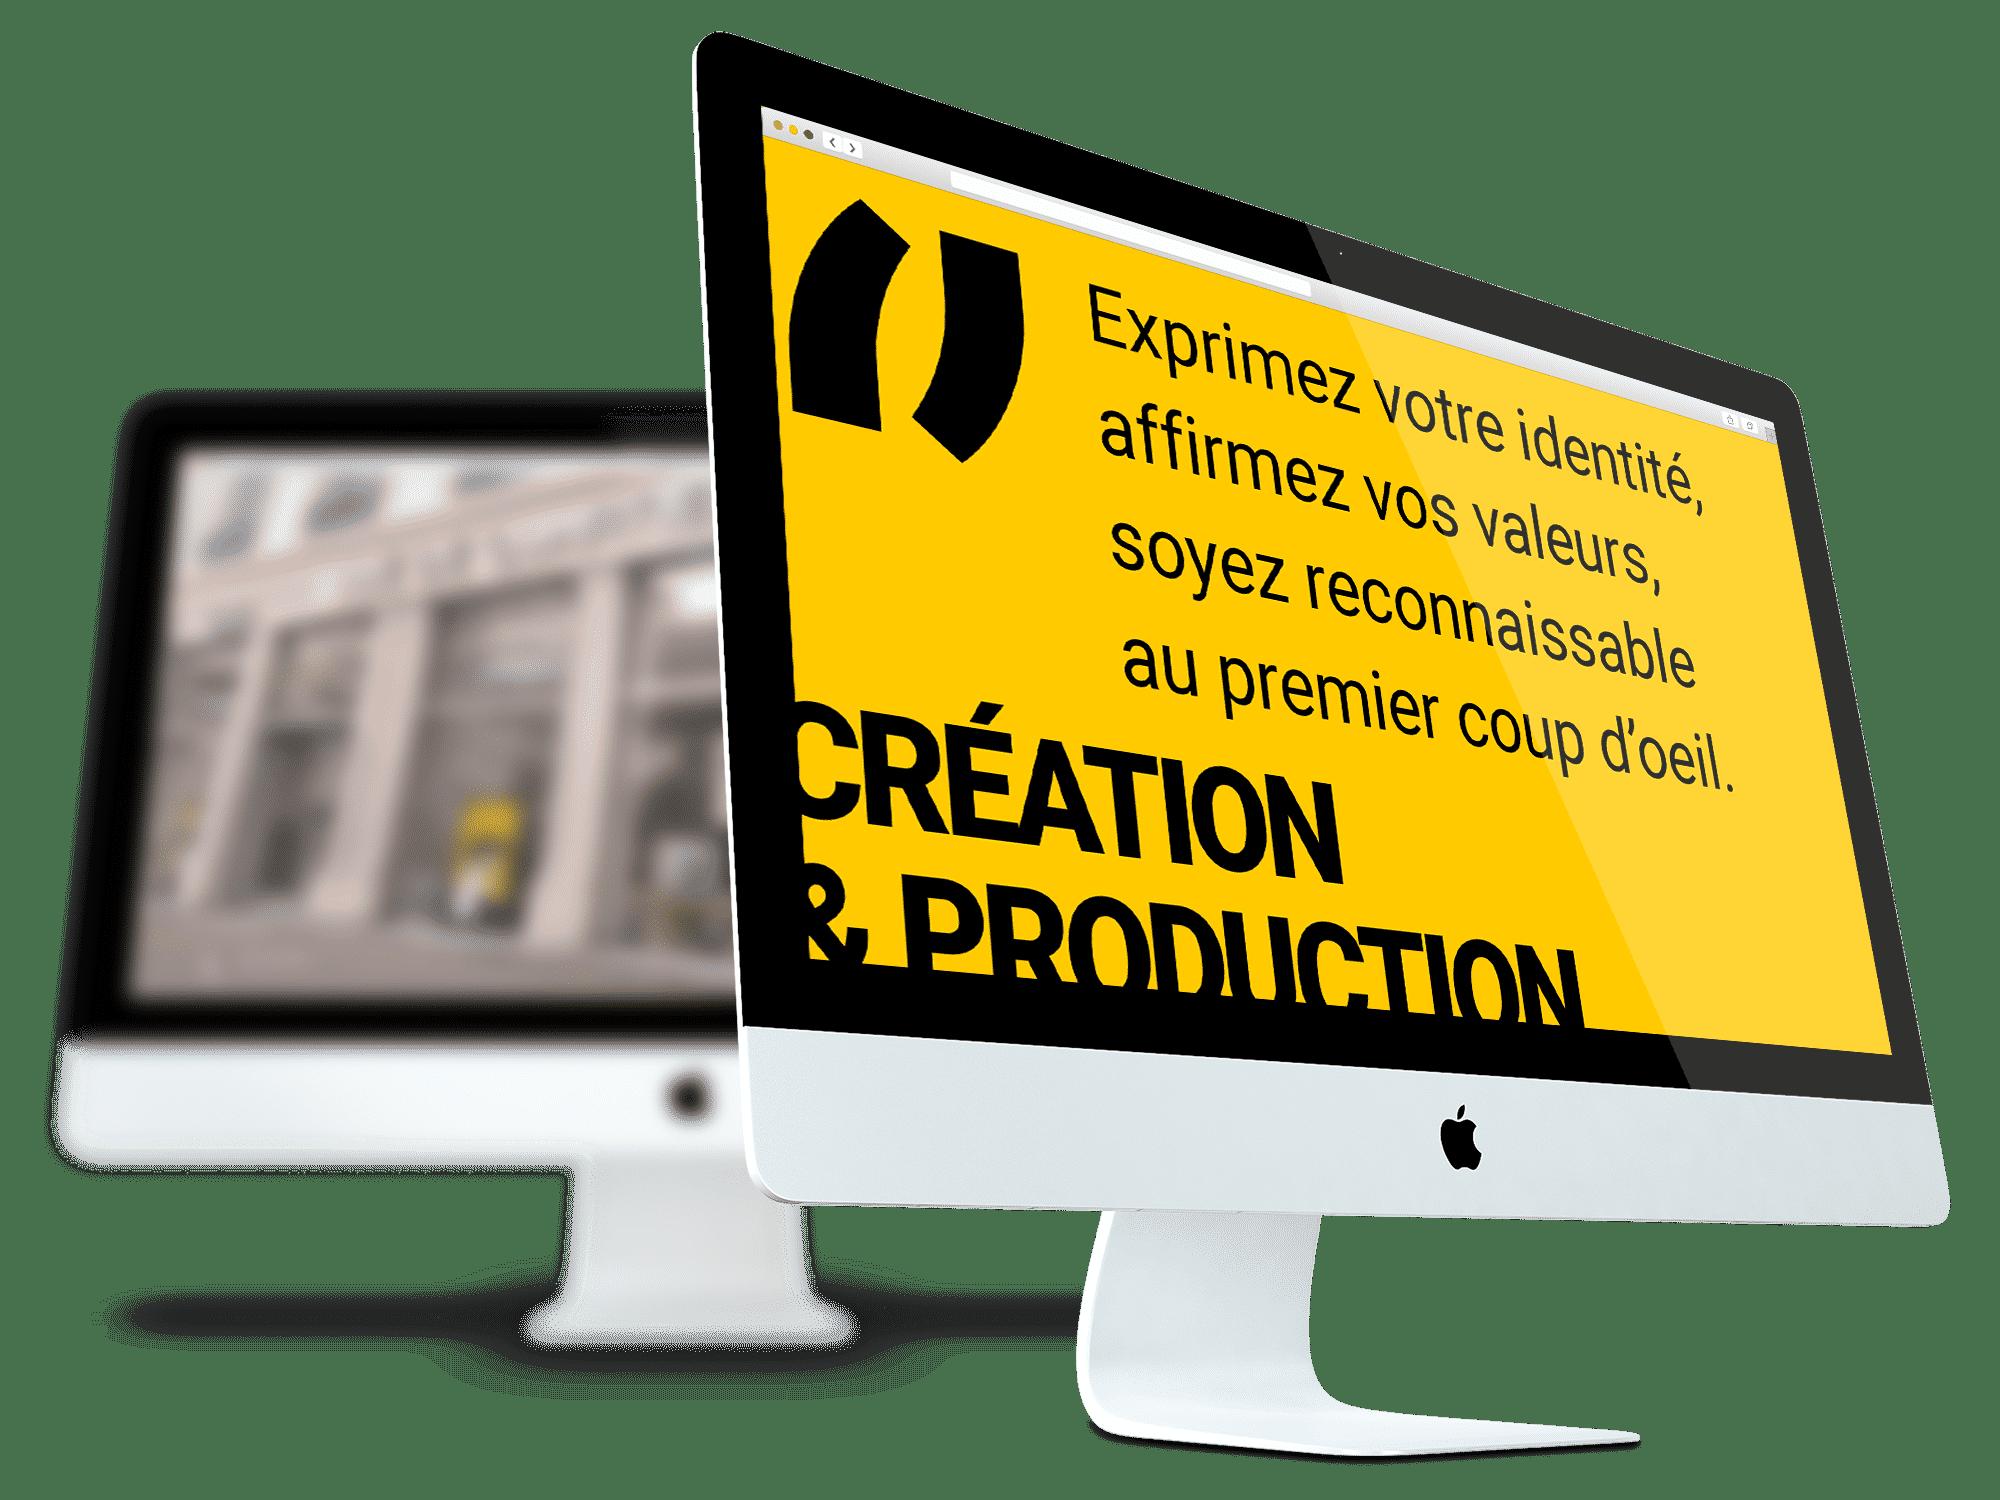 Aller à création et production